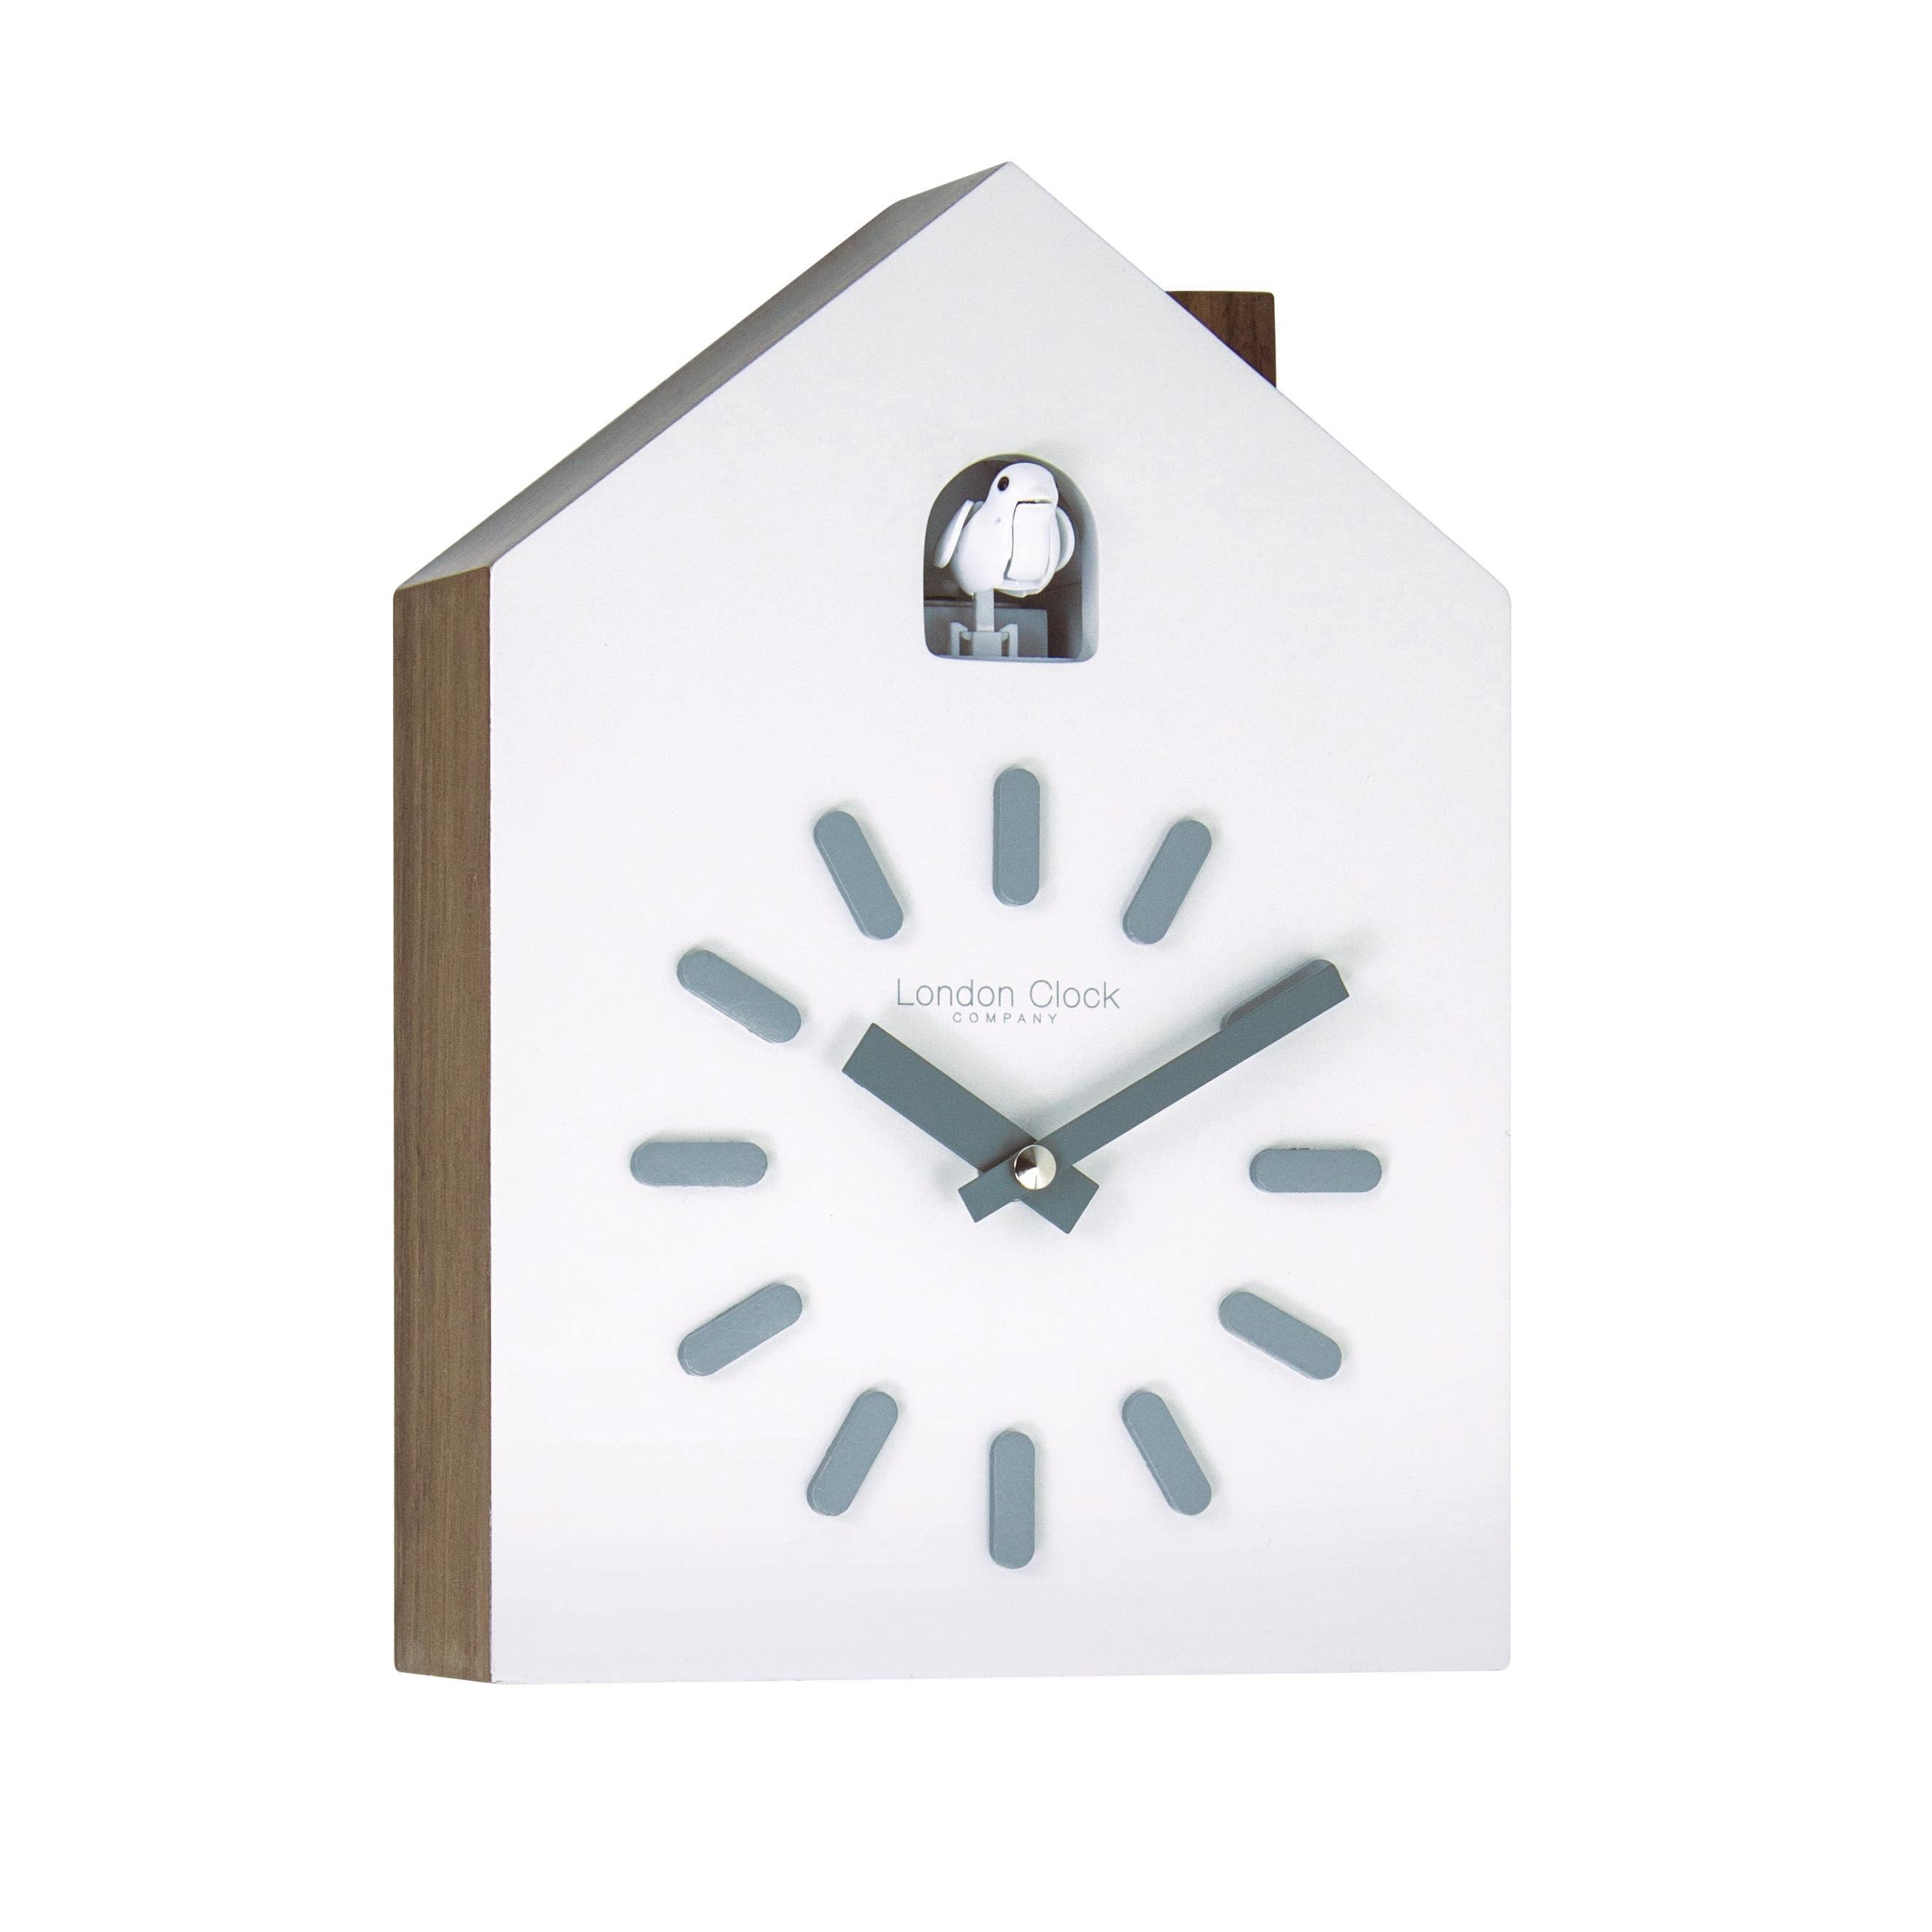 London Clock Company Contemporary Cuckoo Chime Wall Clock Ebay